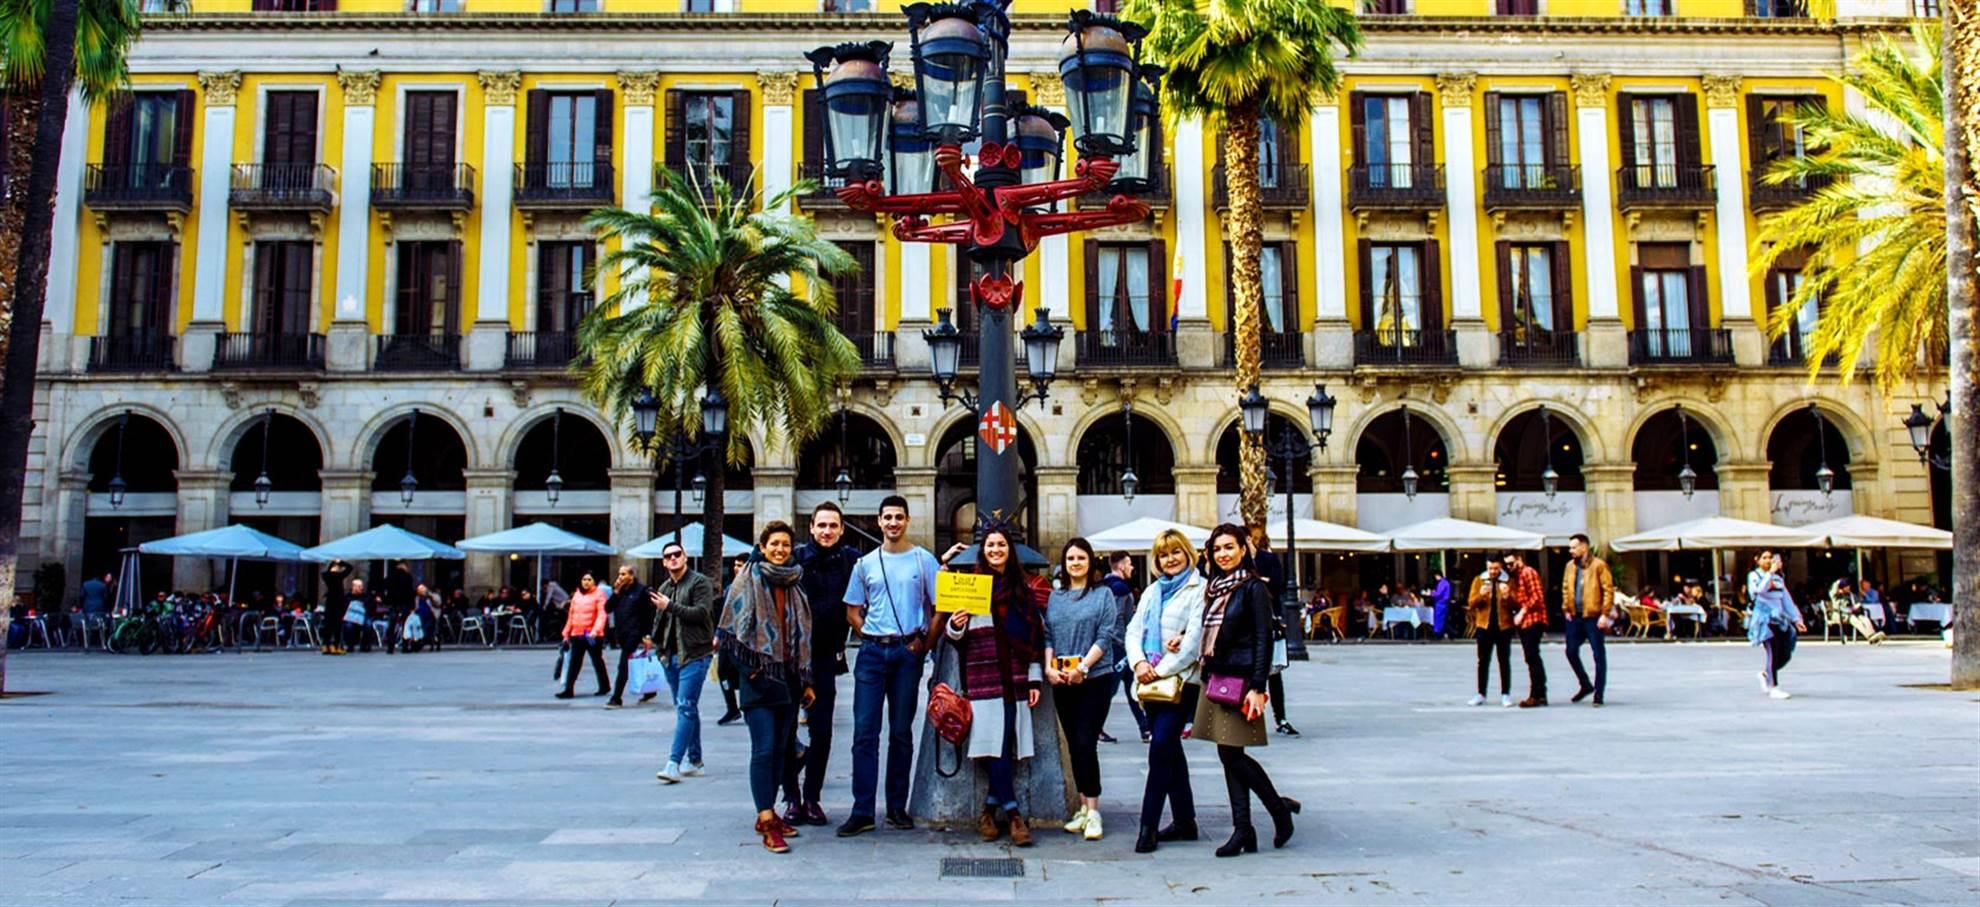 Обзорная прогулка по Барселоне с русскоговорящим гидом